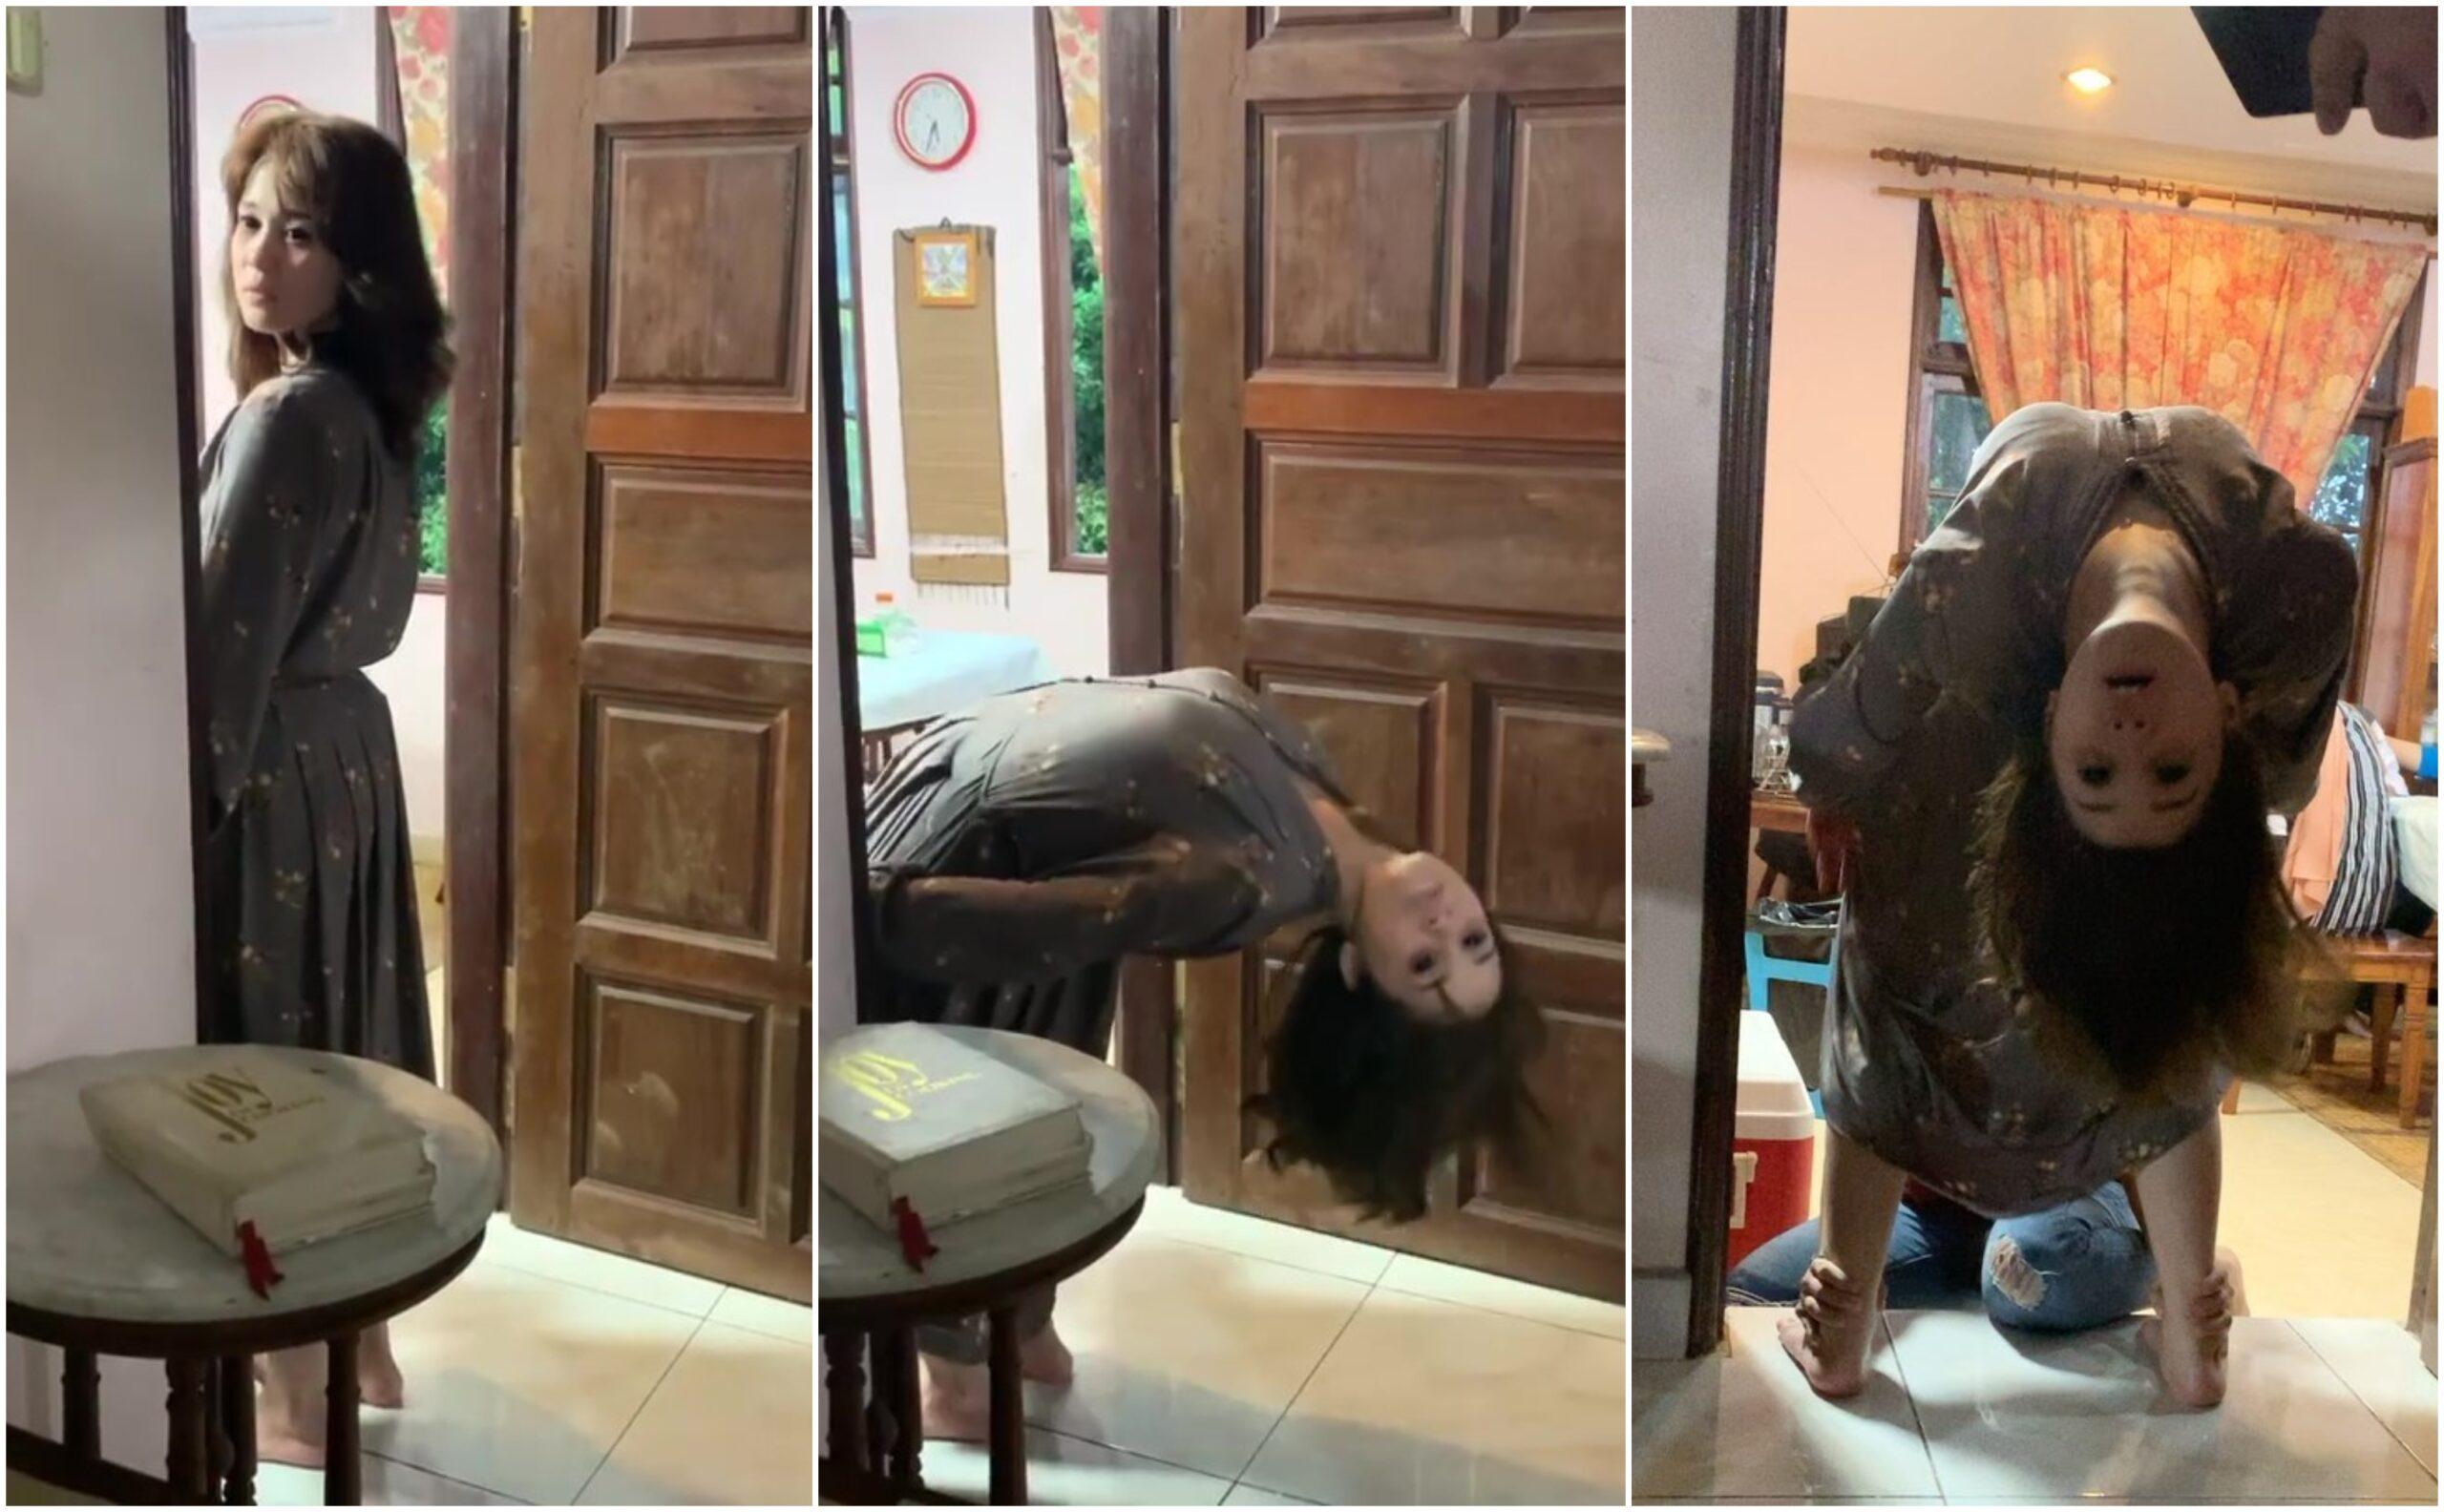 [VIDEO] Emma Maembong Bikin Ramai 'Seriau', Jadi Hantu Badan Lipat Ke Belakang